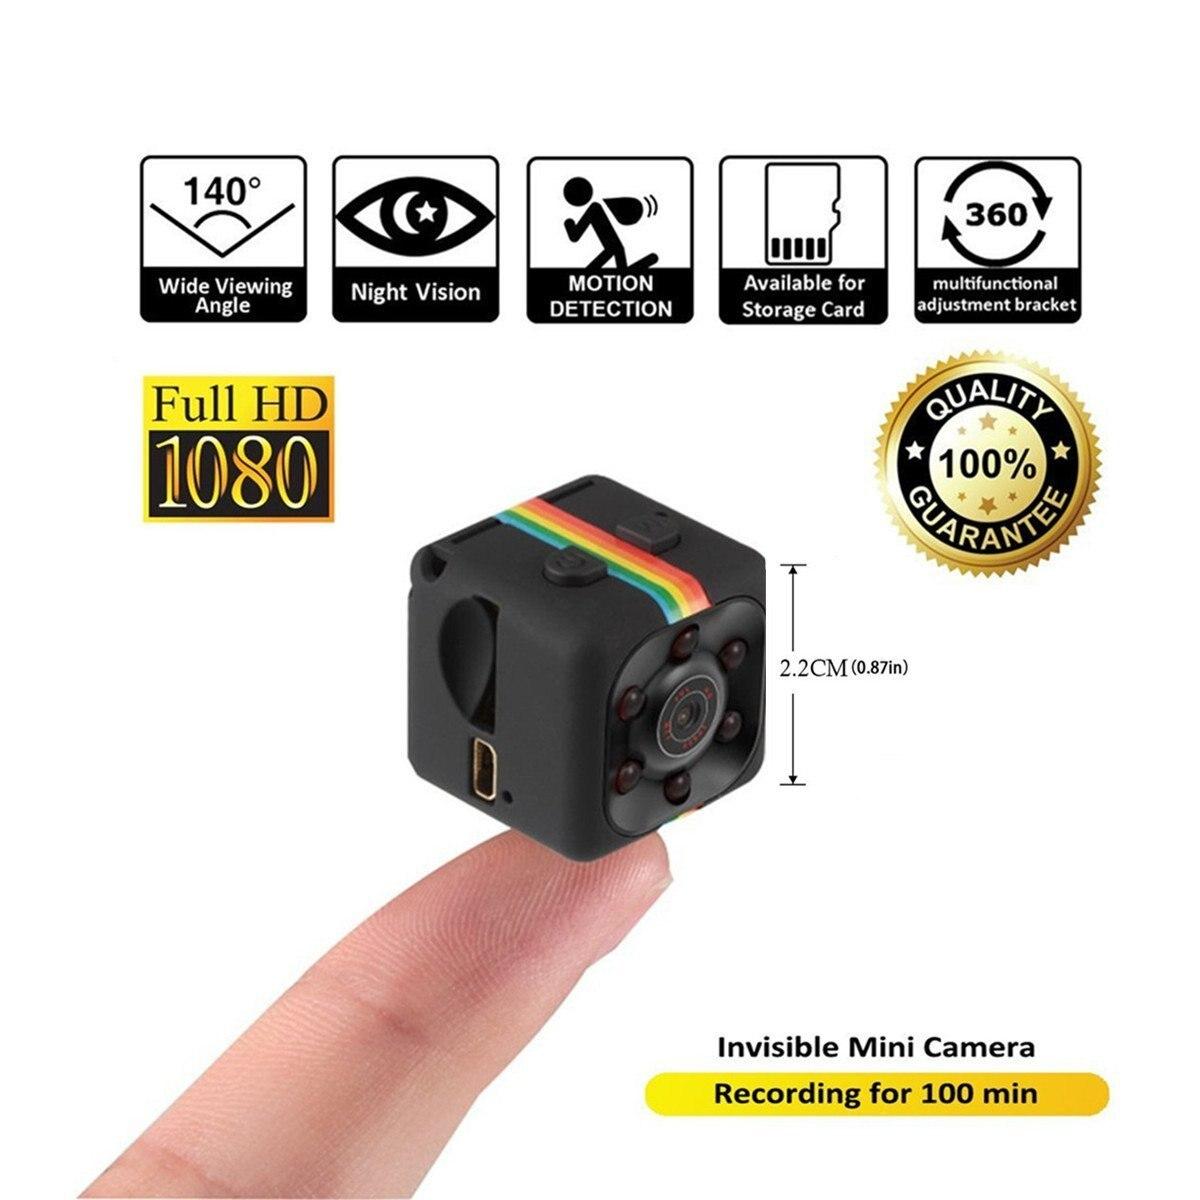 SQ11 Mini Câmera 1080 P Esporte Mini DV Visão Noturna Infravermelha Monitor de Câmera Escondida pequena SQ 11 pequena câmera DV Vídeo gravador